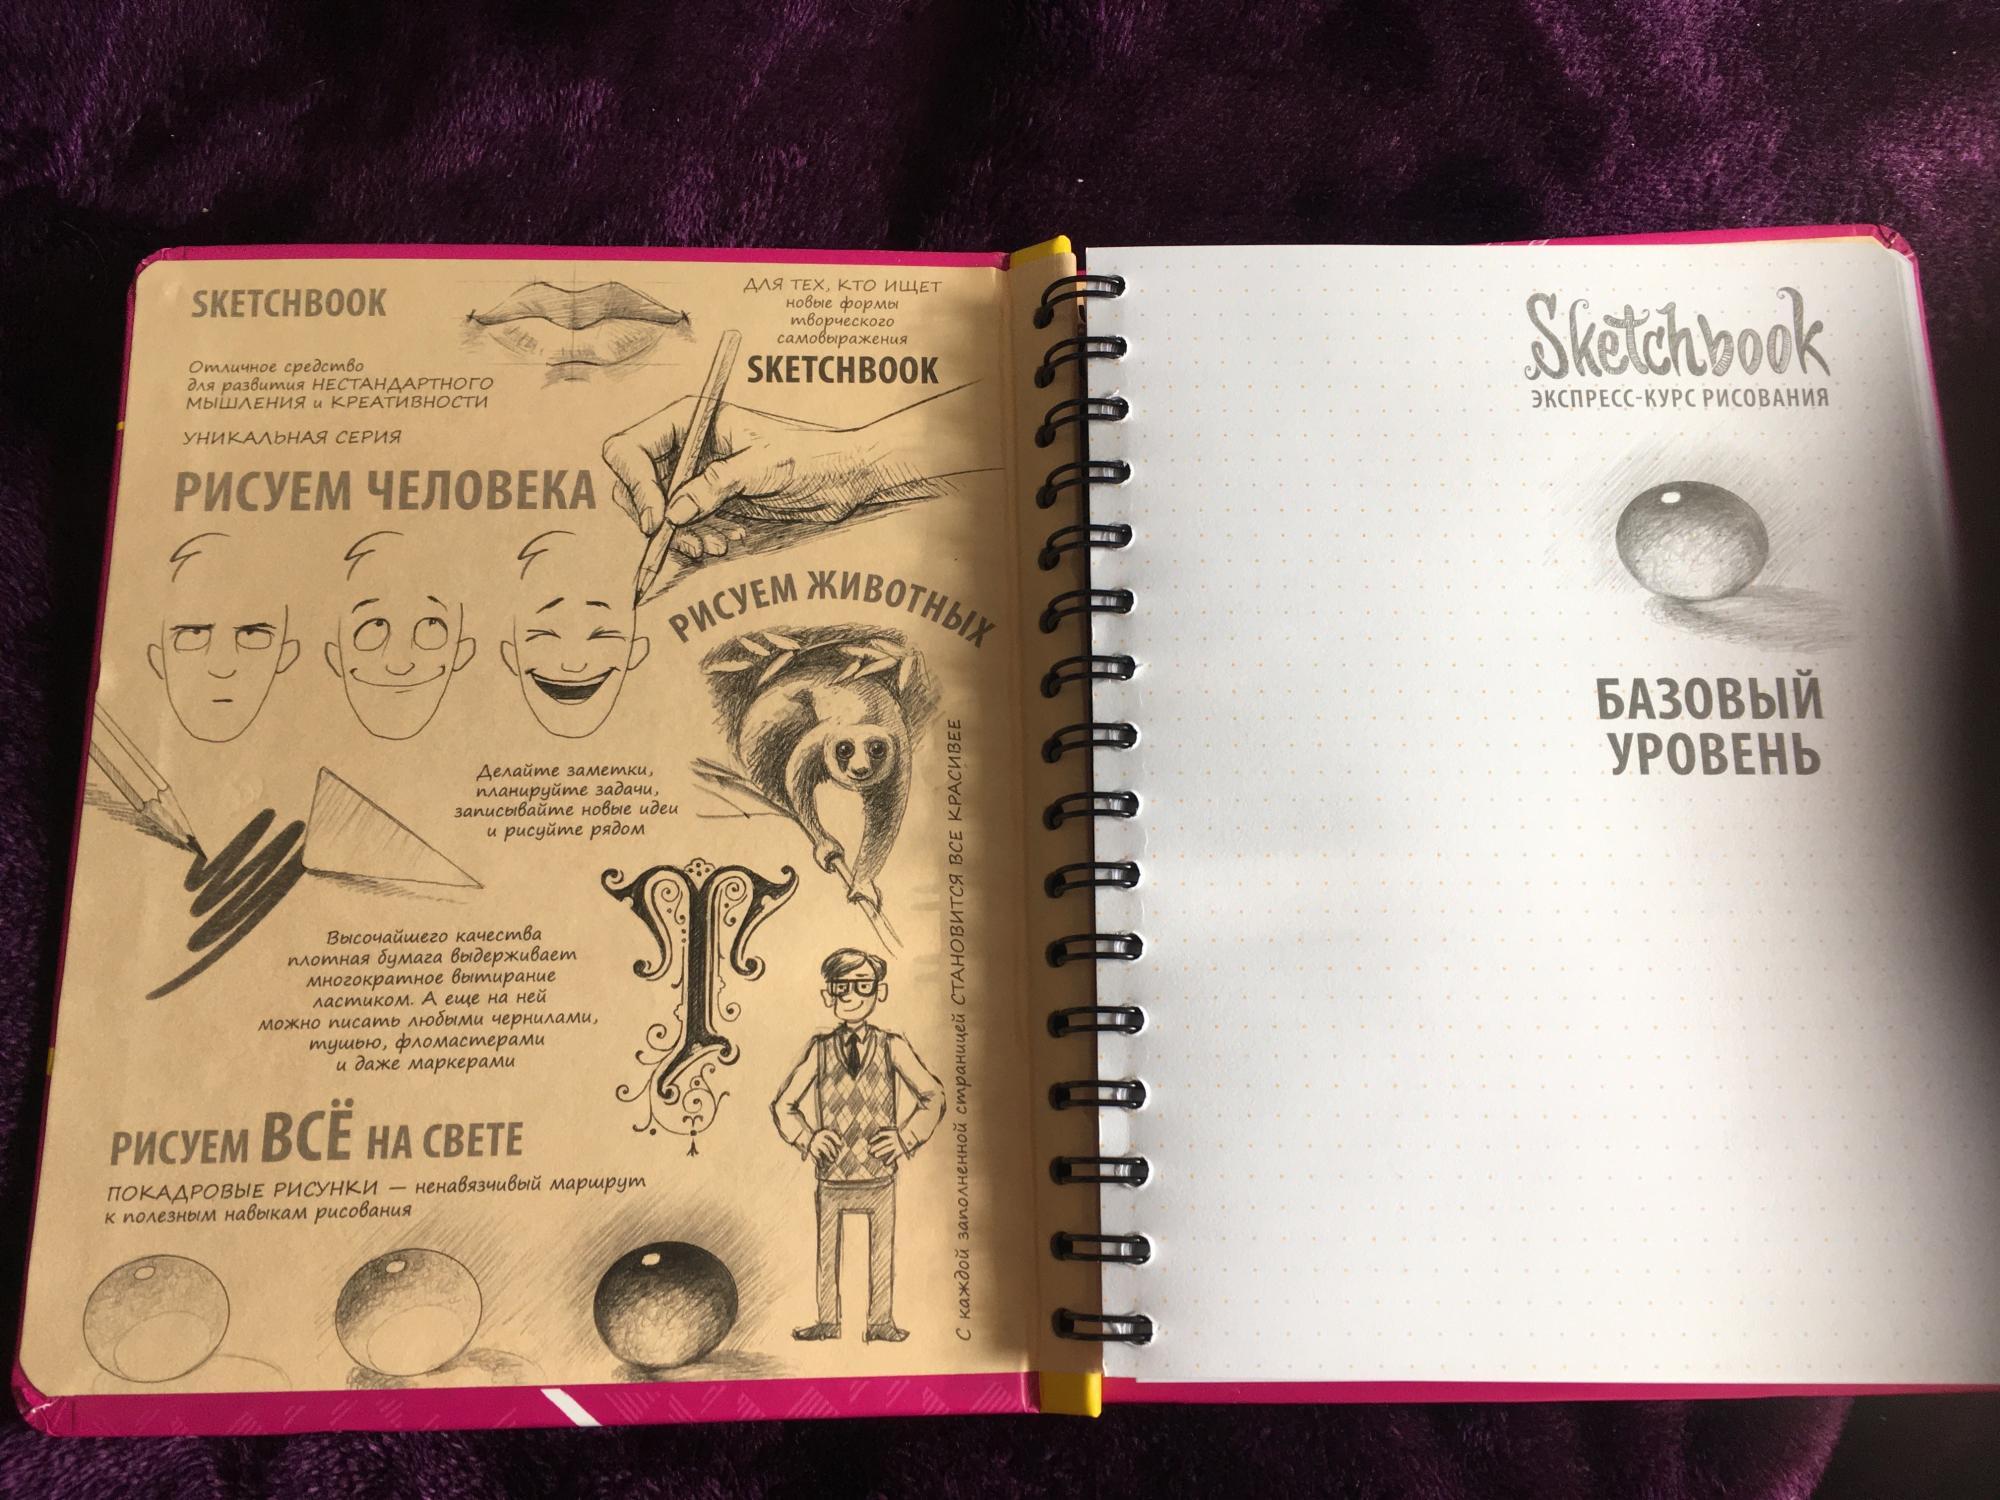 Sketch book базовый в Москве 89775750389 купить 3